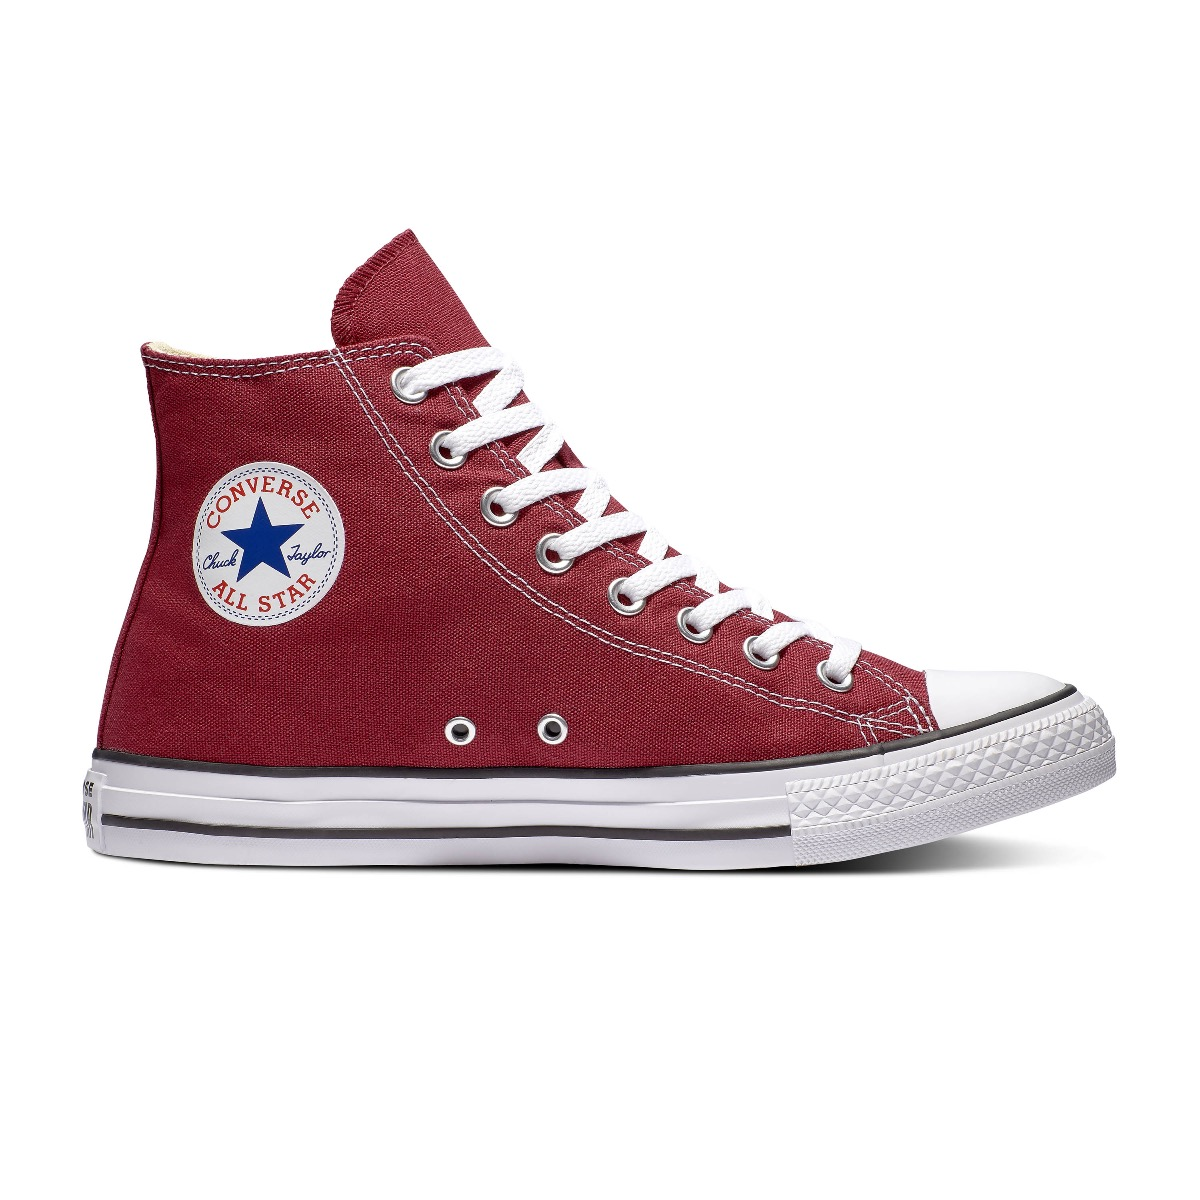 Converse All Stars Hoog Bordeaux Rood maat 36.5